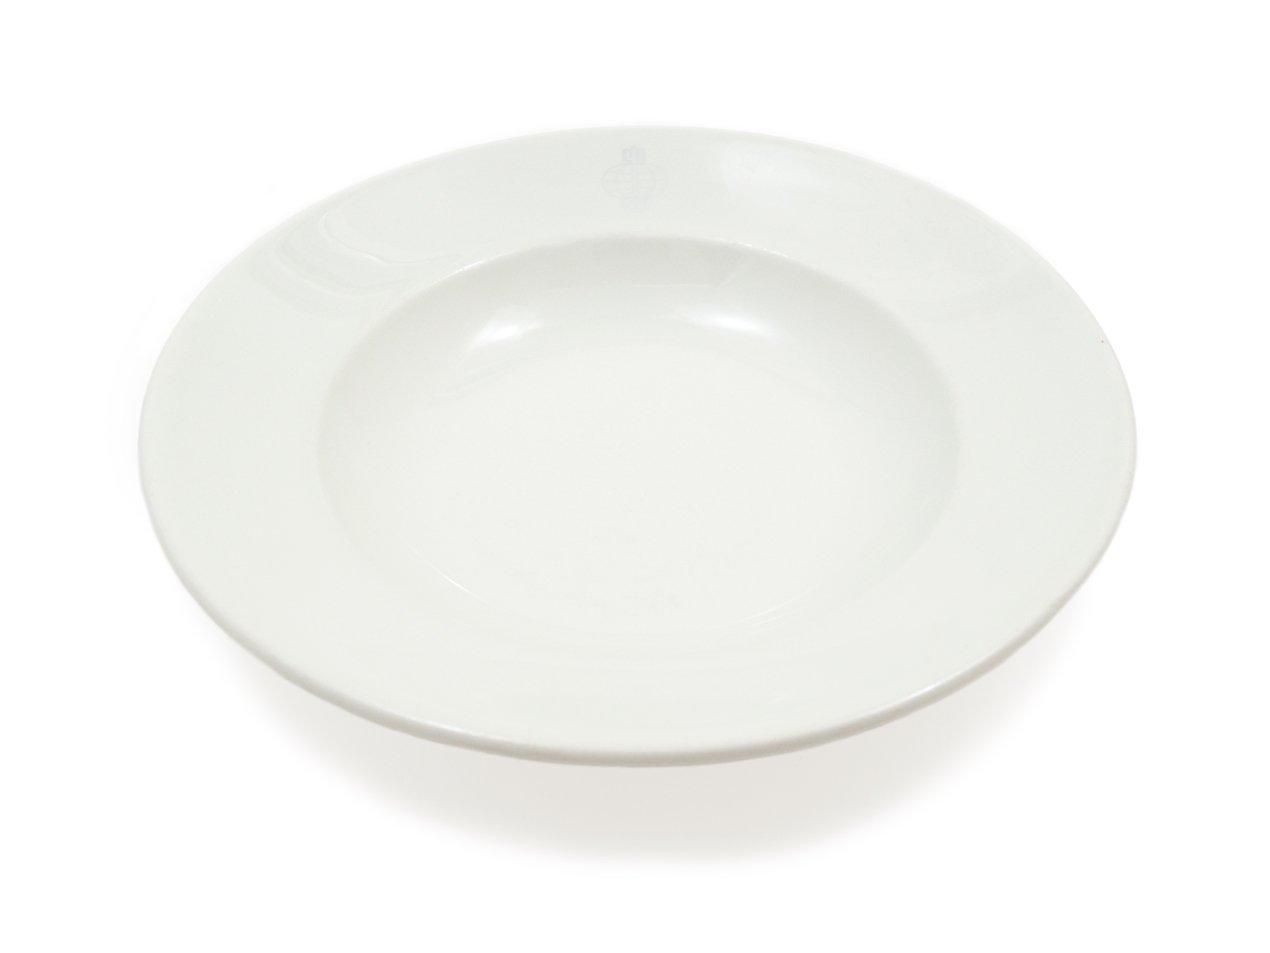 ARABIA スープ皿 マークあり 02